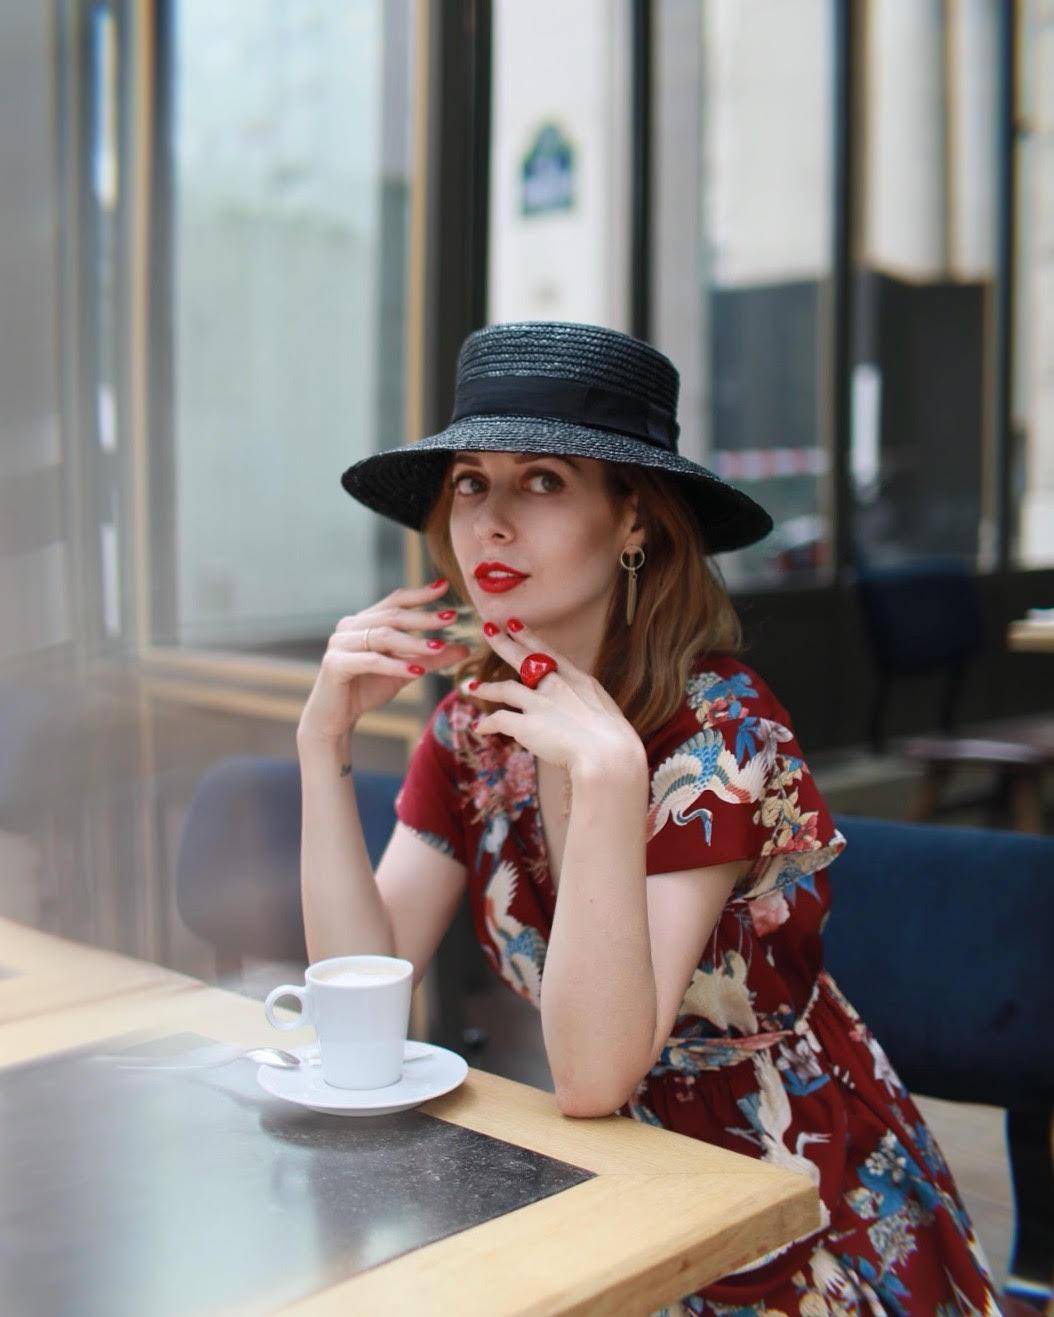 Bonjour! - Меня зовут Анна и это сервис Enjoy Paris.Мы организовываем для вас эксклюзивные фотосессии в Париже и предлагаем для этого невероятные платья!Вы получатете все и сразу - профессионального фотографа, стилиста-визажиста и эксклюзивные платья на выбор. Также можете воспользоваться услугами нашего водителя на автомобиле премиум класса, чтобы в рамках одной фотосессии успеть сделать фото в самых красивых местах Парижа ♥Подскажем фотогеничные локации для фотосессий и оптимизируем маршрут.Это очень удобно – ведь мы берем на себя весь организационный процесс!Чтобы забронировать дату и время напишите мне anna.enjoyparis@gmail.comПодробности и способы оплаты вы можете прочитать здесь.